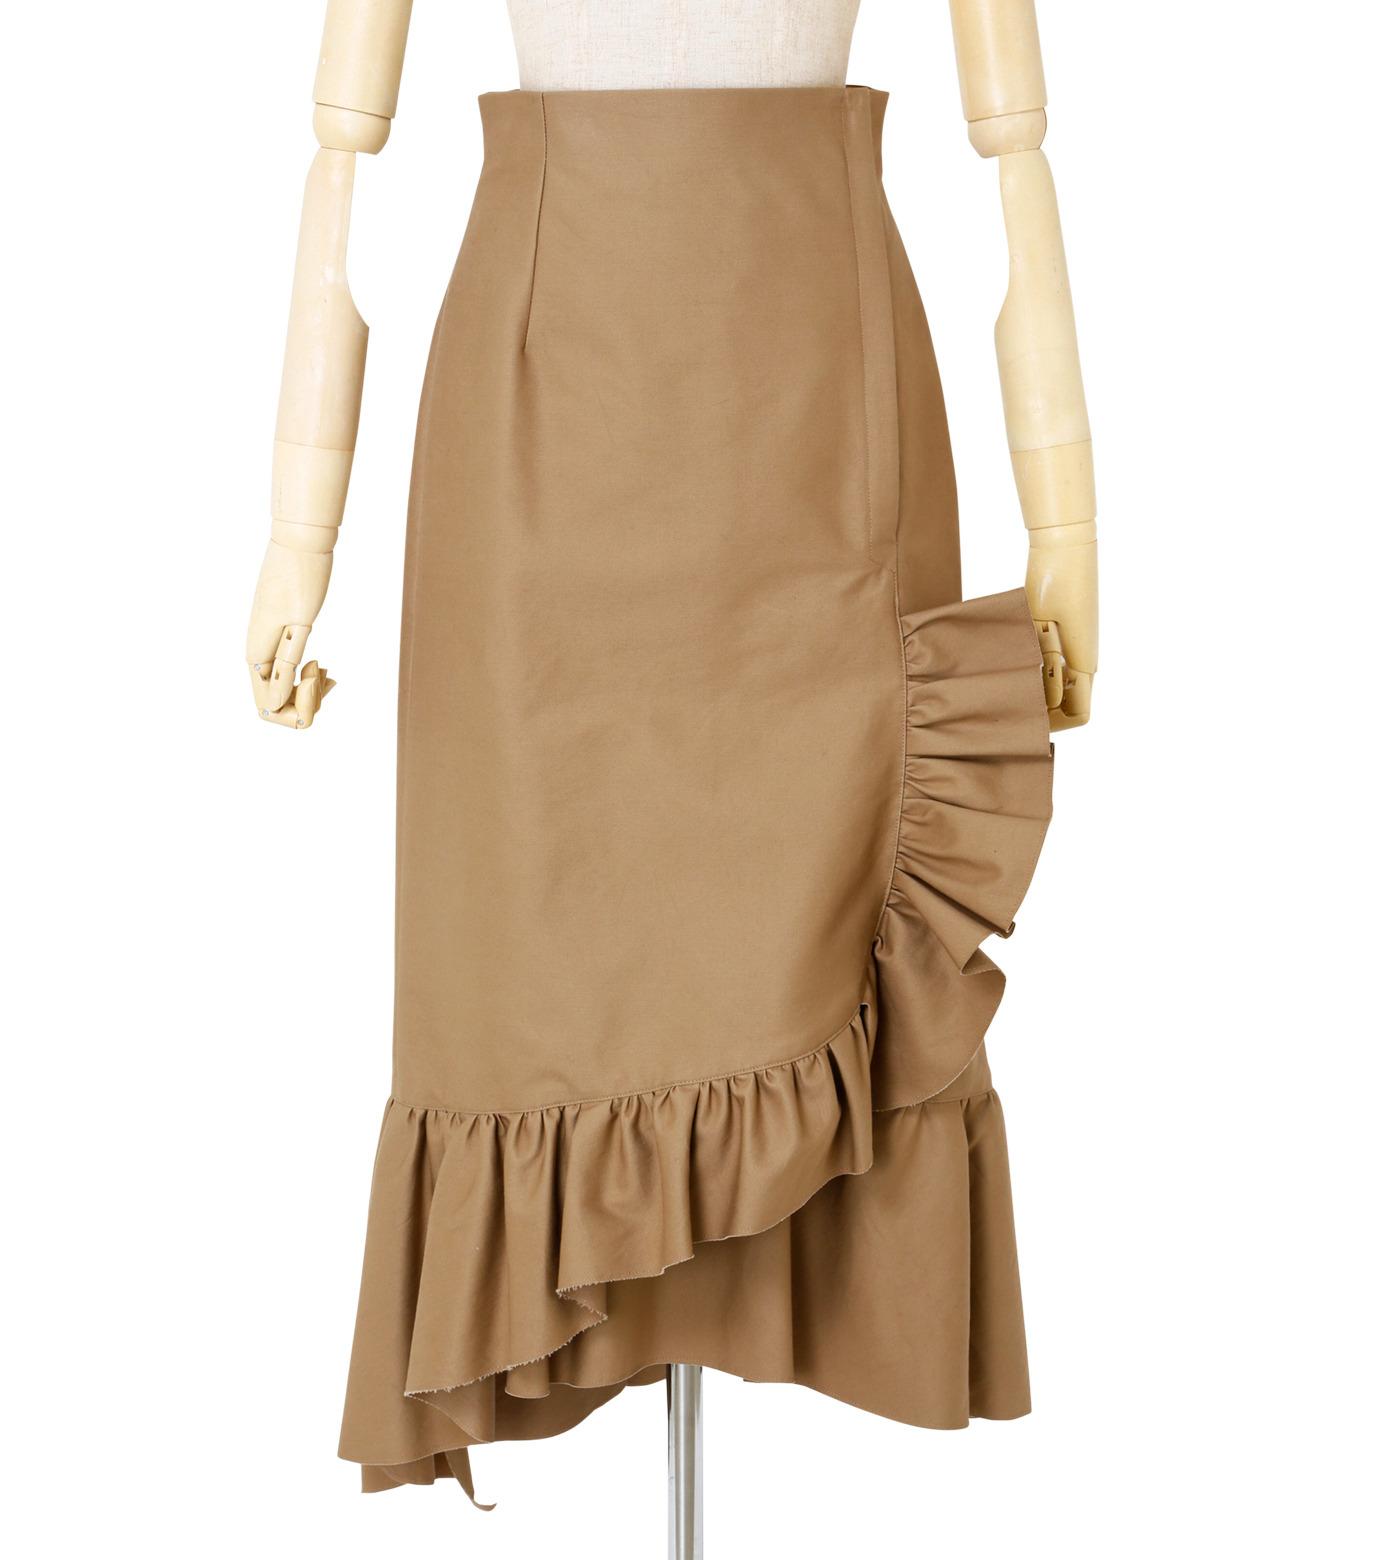 IRENE(アイレネ)のクリンクルフリルチノスカート-BEIGE(スカート/skirt)-19S87005 拡大詳細画像1